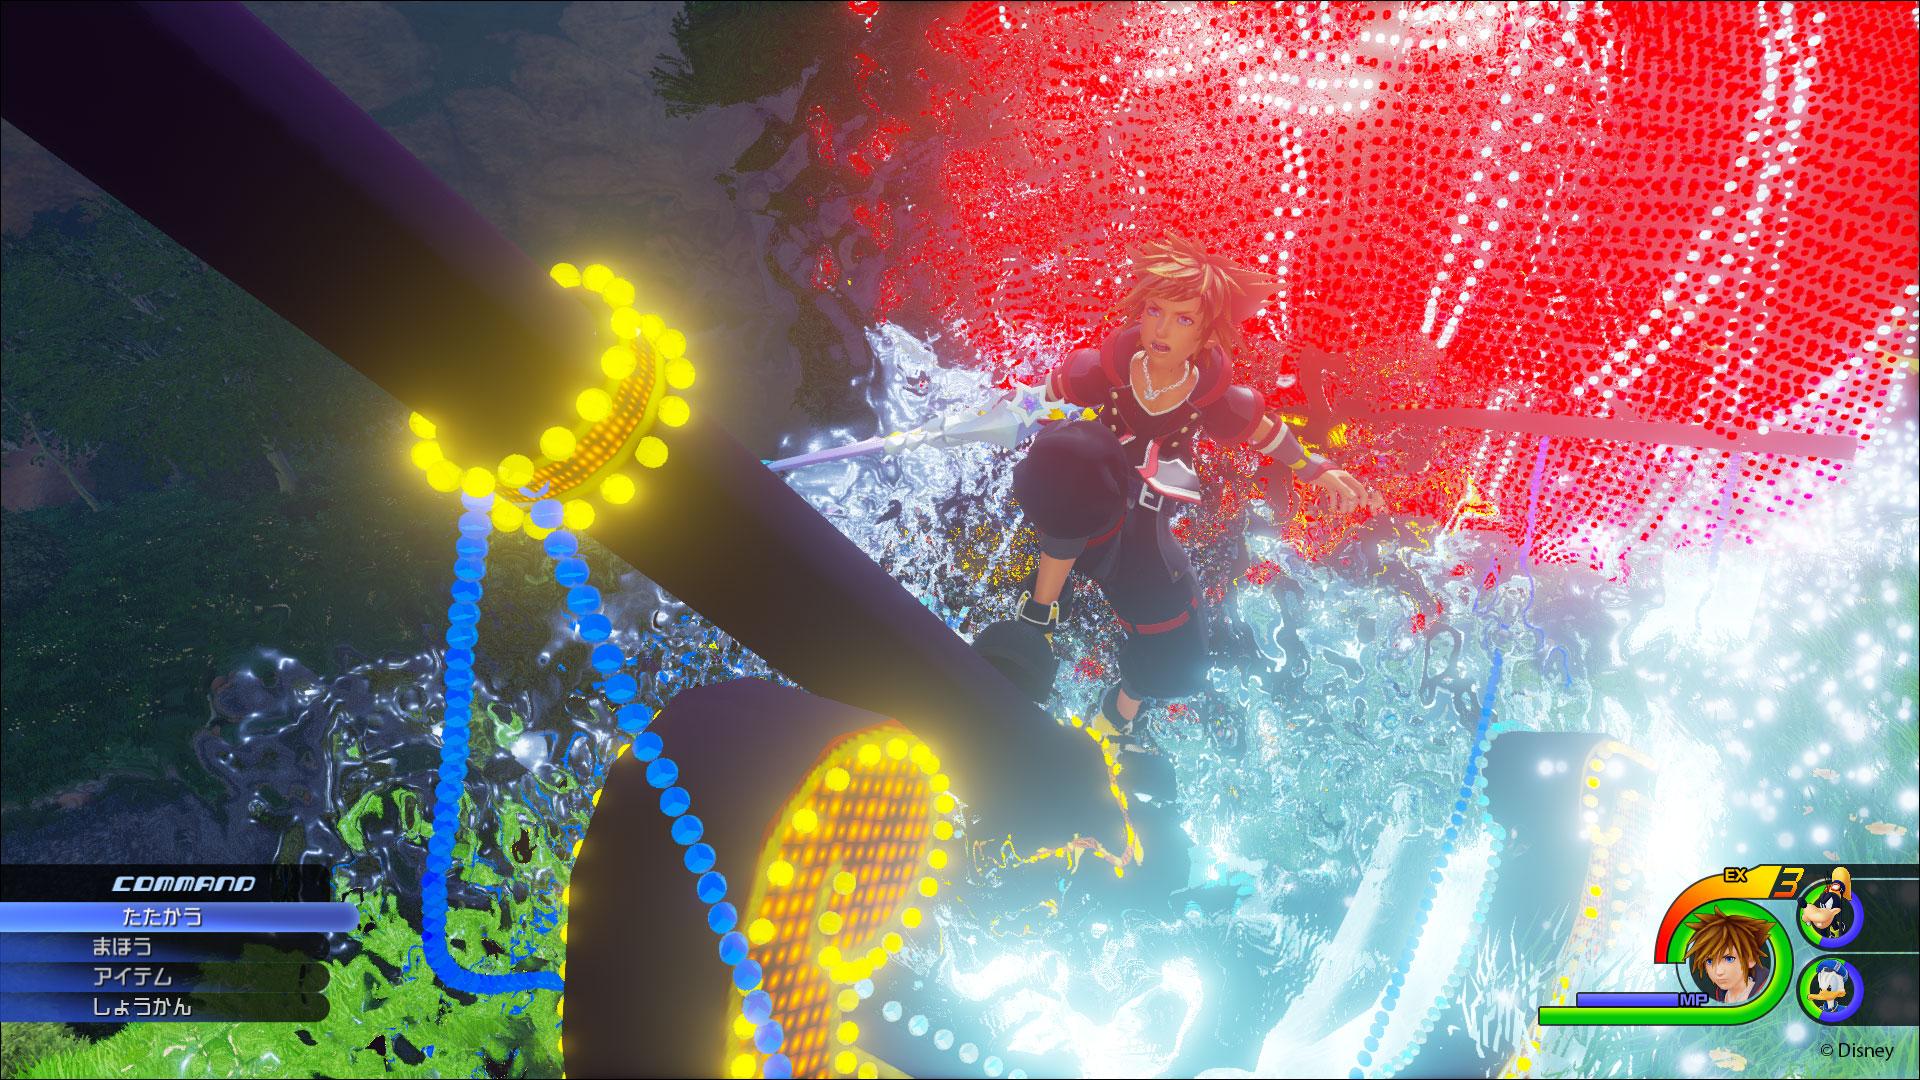 Kingdom-Hearts-III-screen